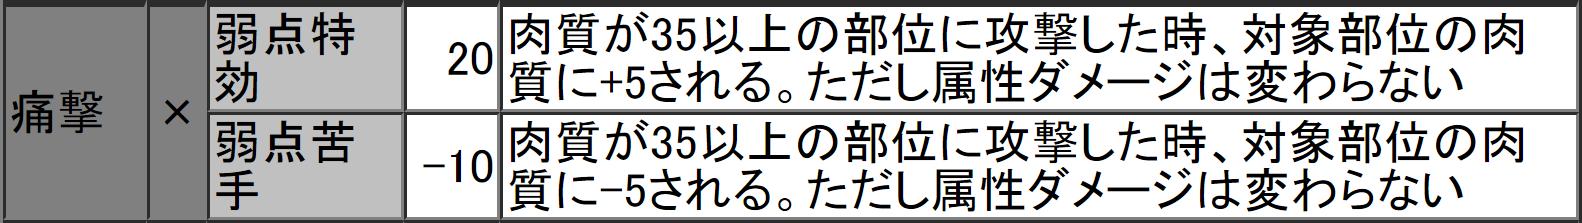 8fe0cd7f1f04cca04f0c3d1debc8aab4.png